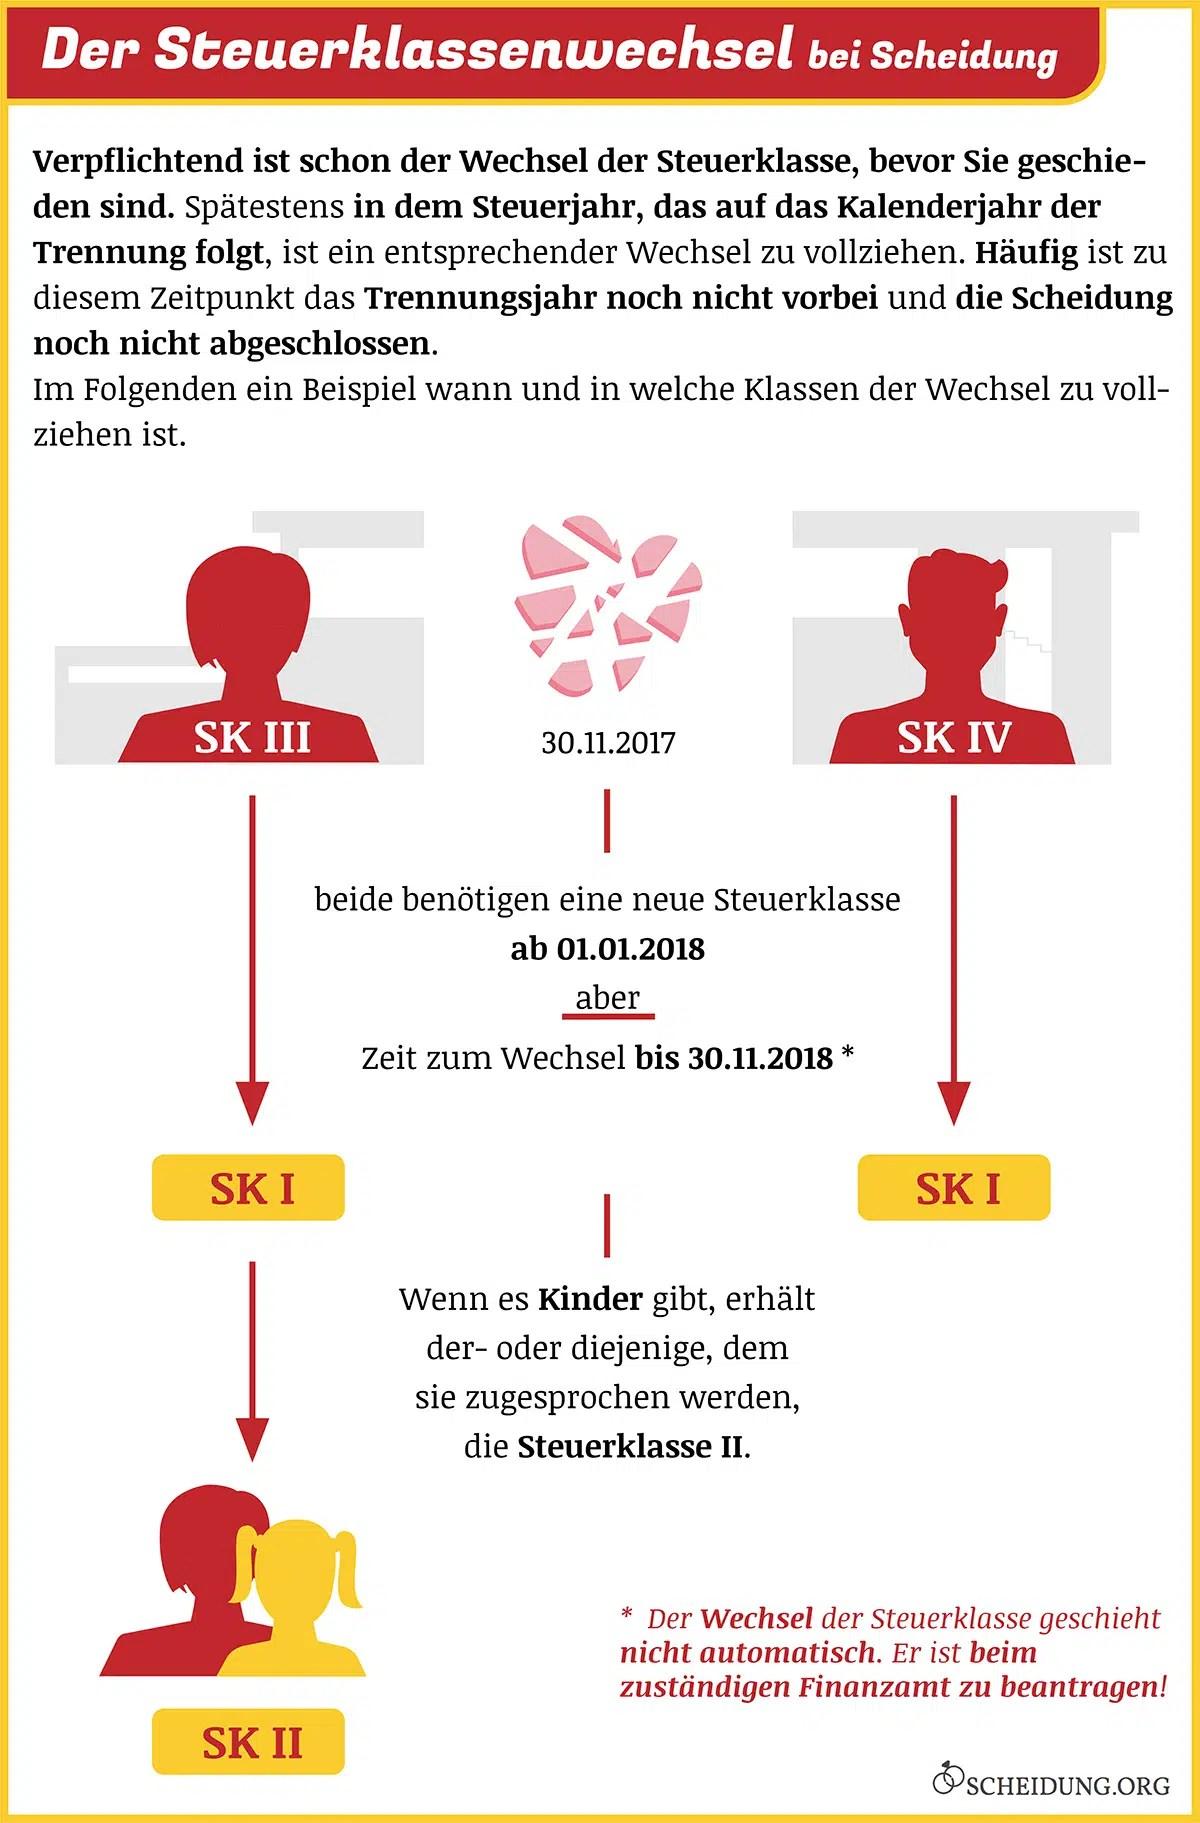 Witwe Steuerklasse Steuerklasse Witwe Automatisch 2020 05 07